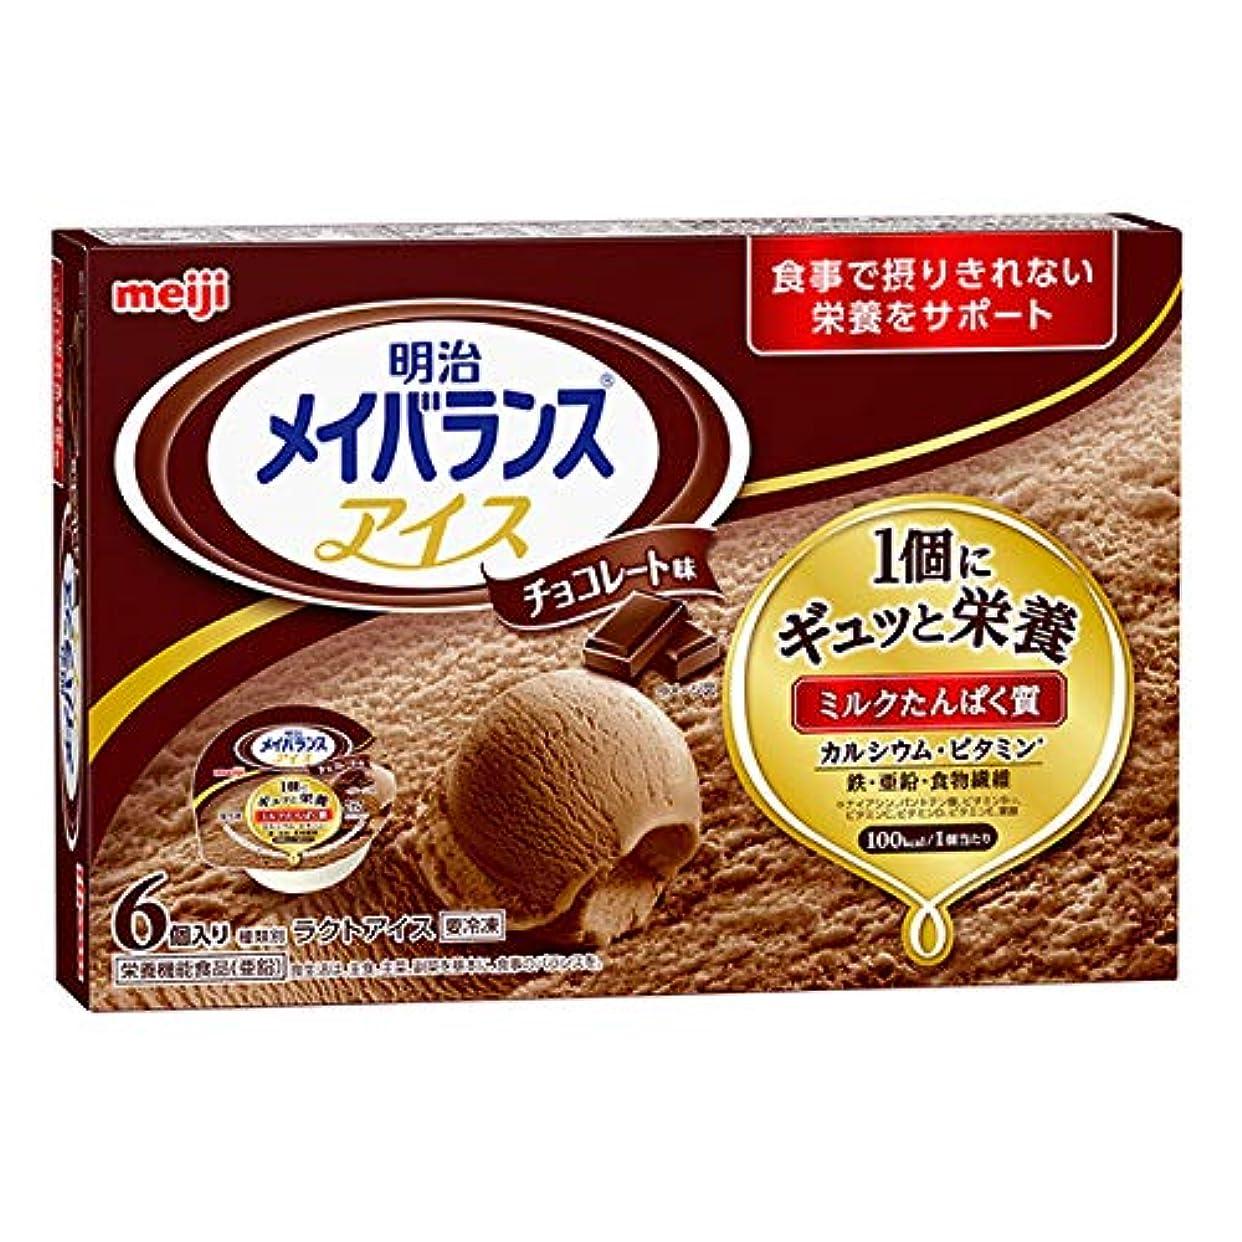 バルク不適切な胴体【冷凍栄養強化食】明治メイバランスアイス チョコレート味 80ml×6個 アイスクリーム